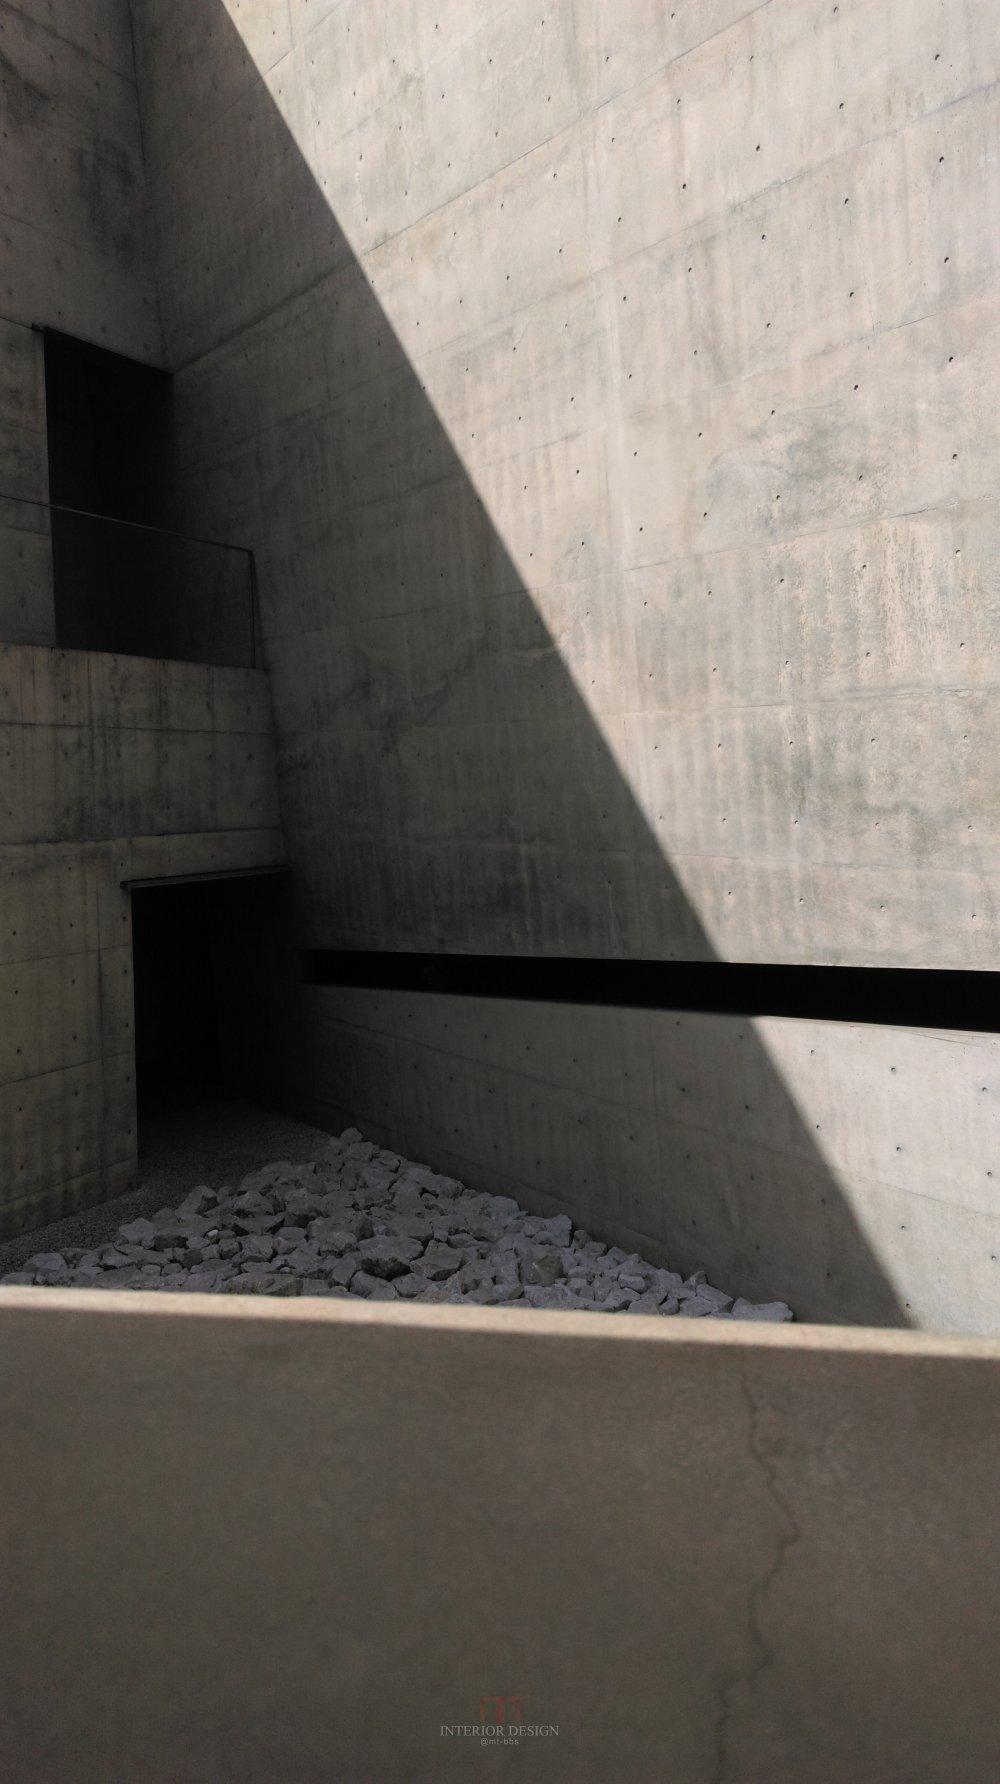 #伙伴一起看日本#  日本设计考察分享(更新美秀美术馆)_IMAG8801.jpg